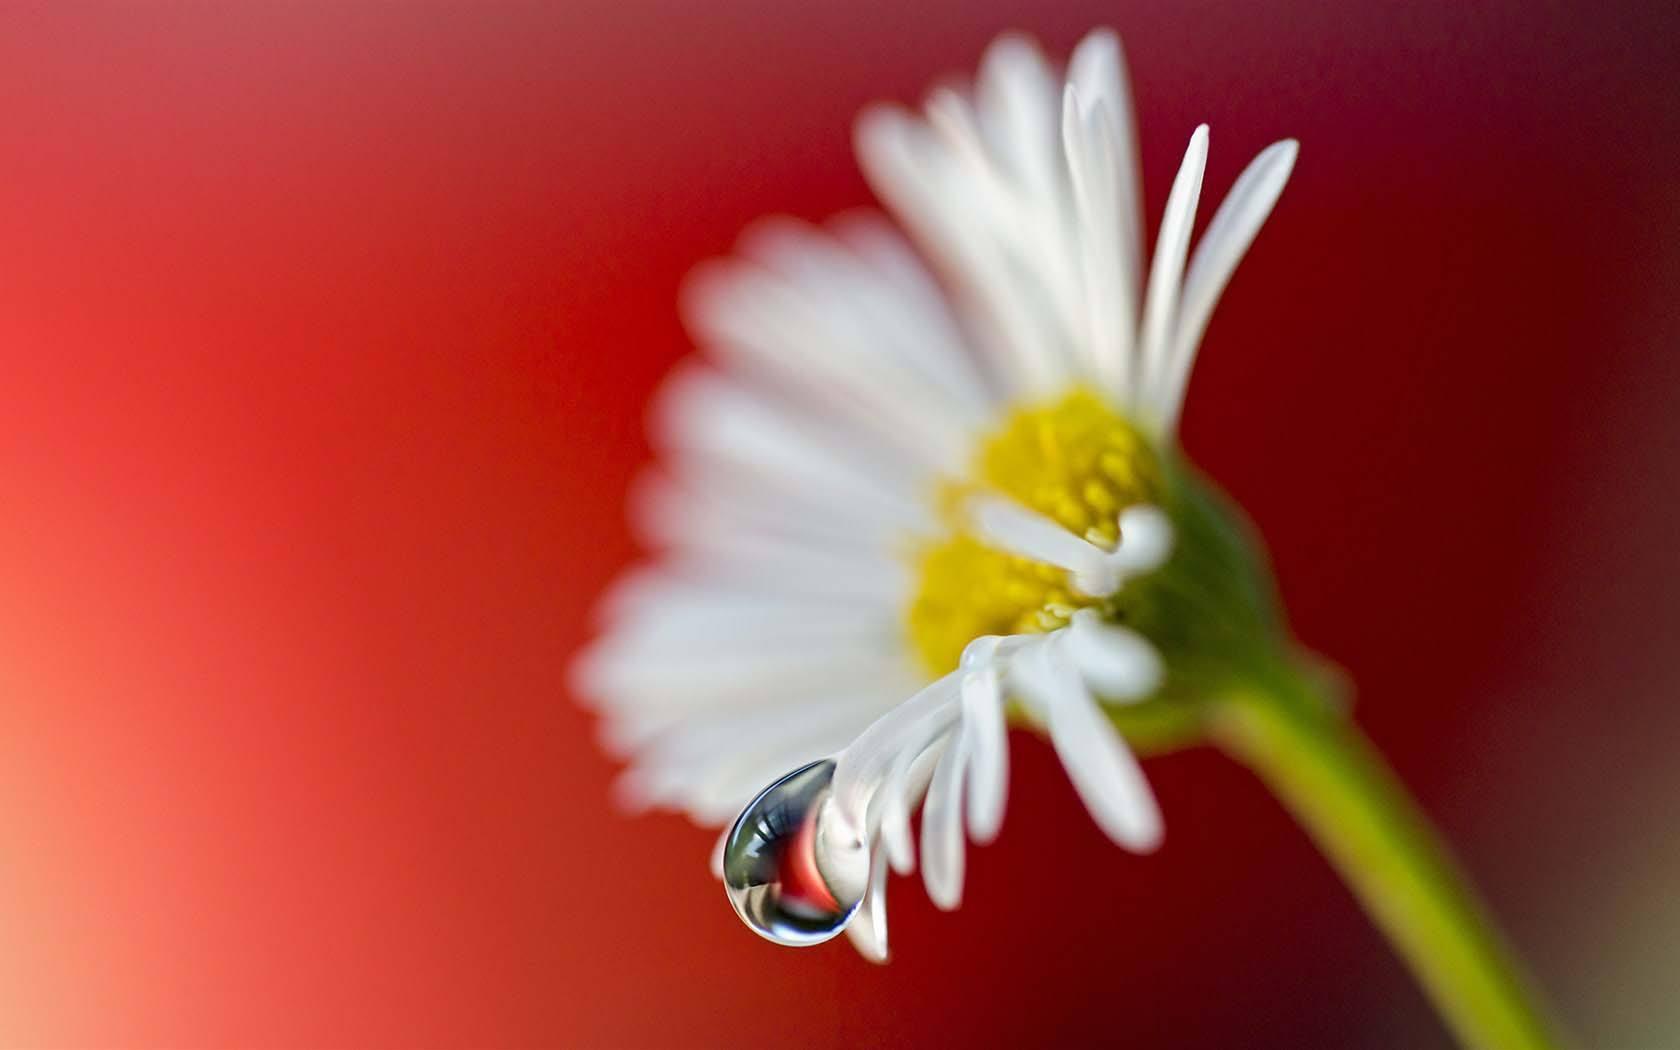 相信明天会更好的情感语录说说:人生就是要向前看的